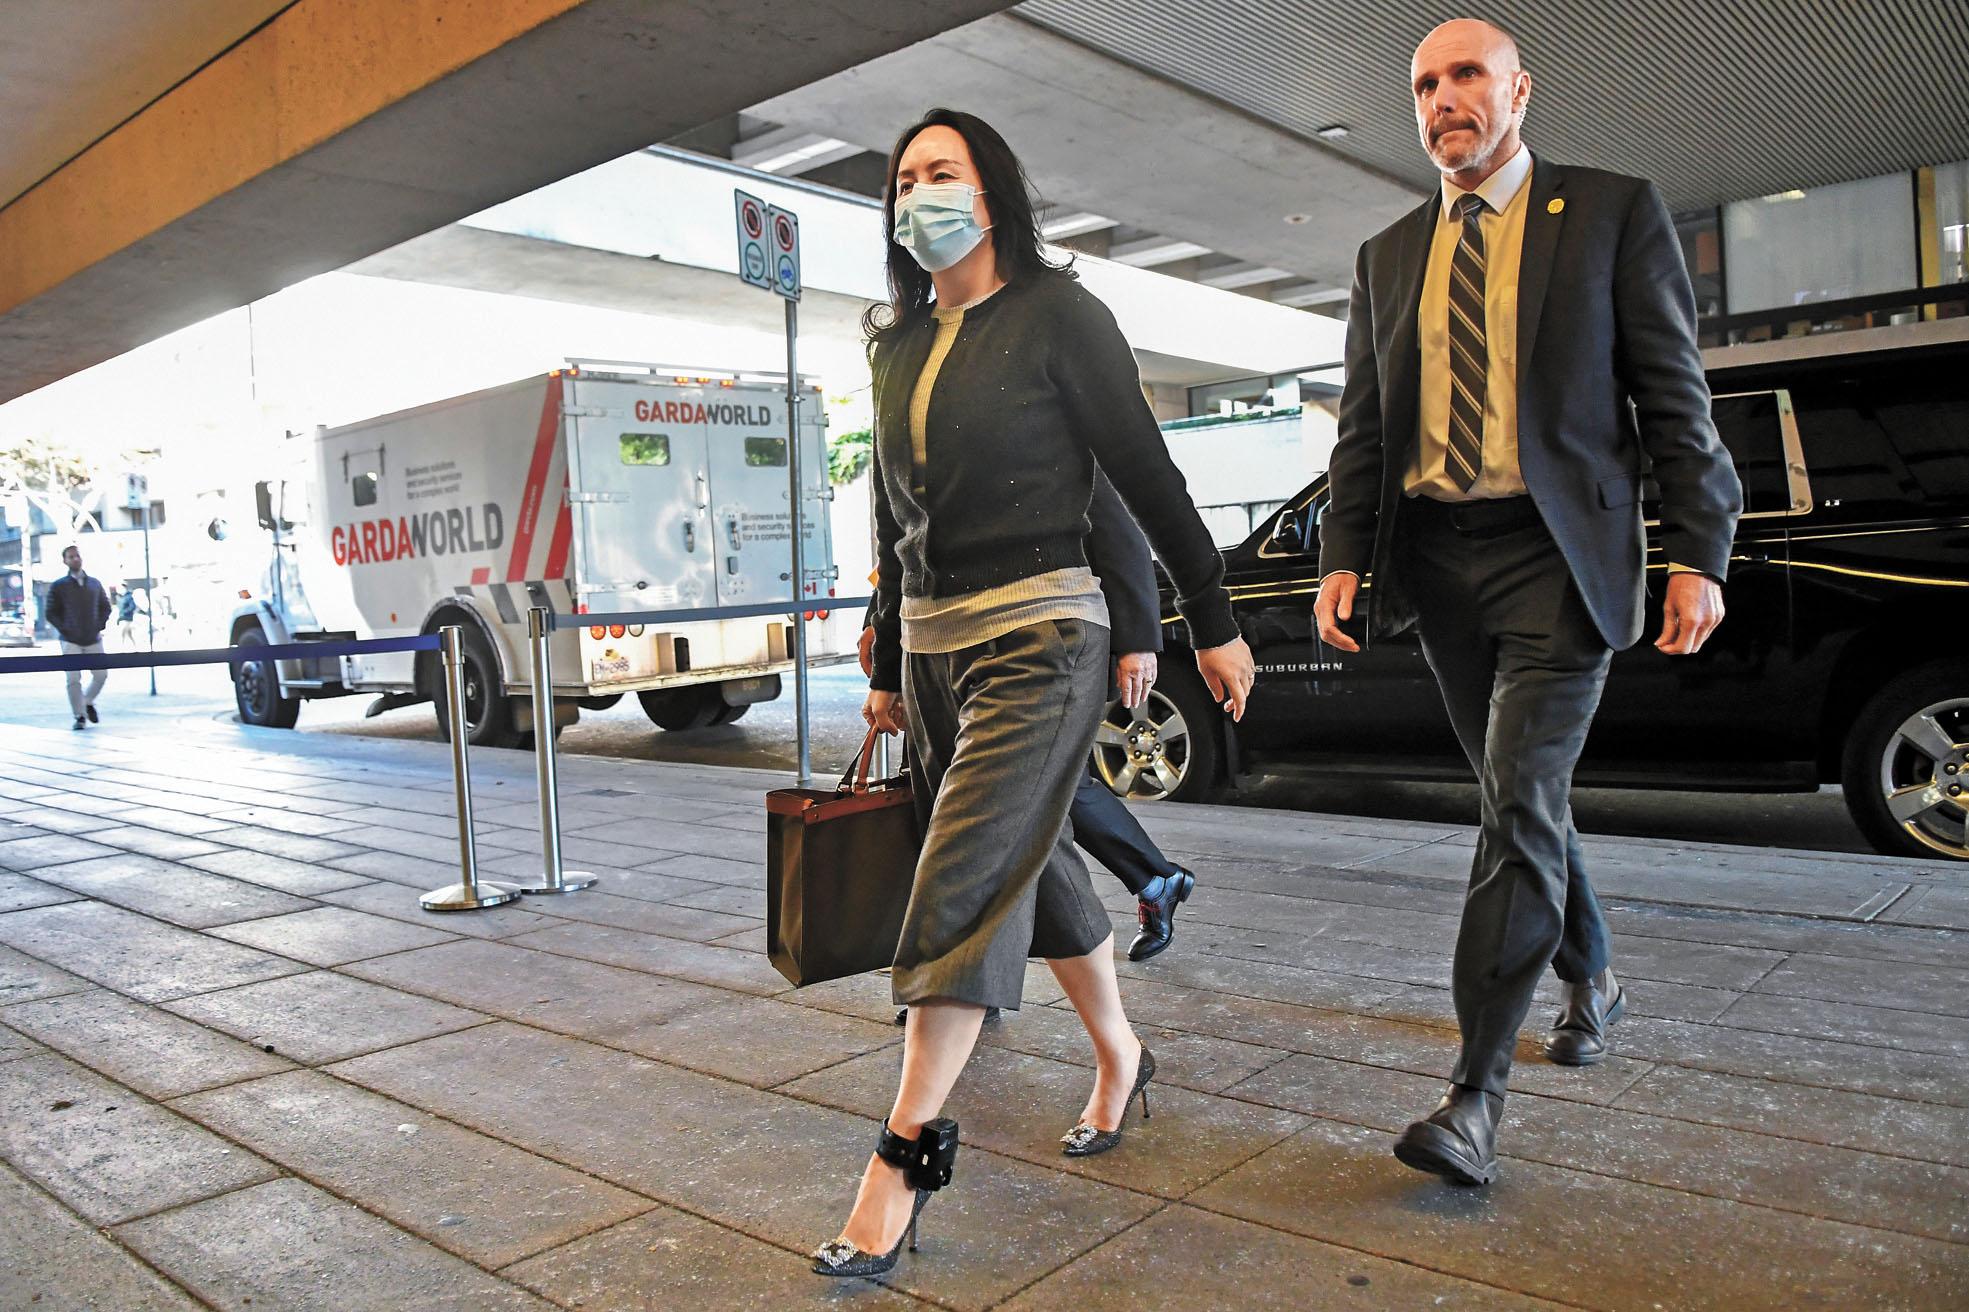 ■孟晚舟引渡案26日於加拿大法院開始聽取證人作供。路透社